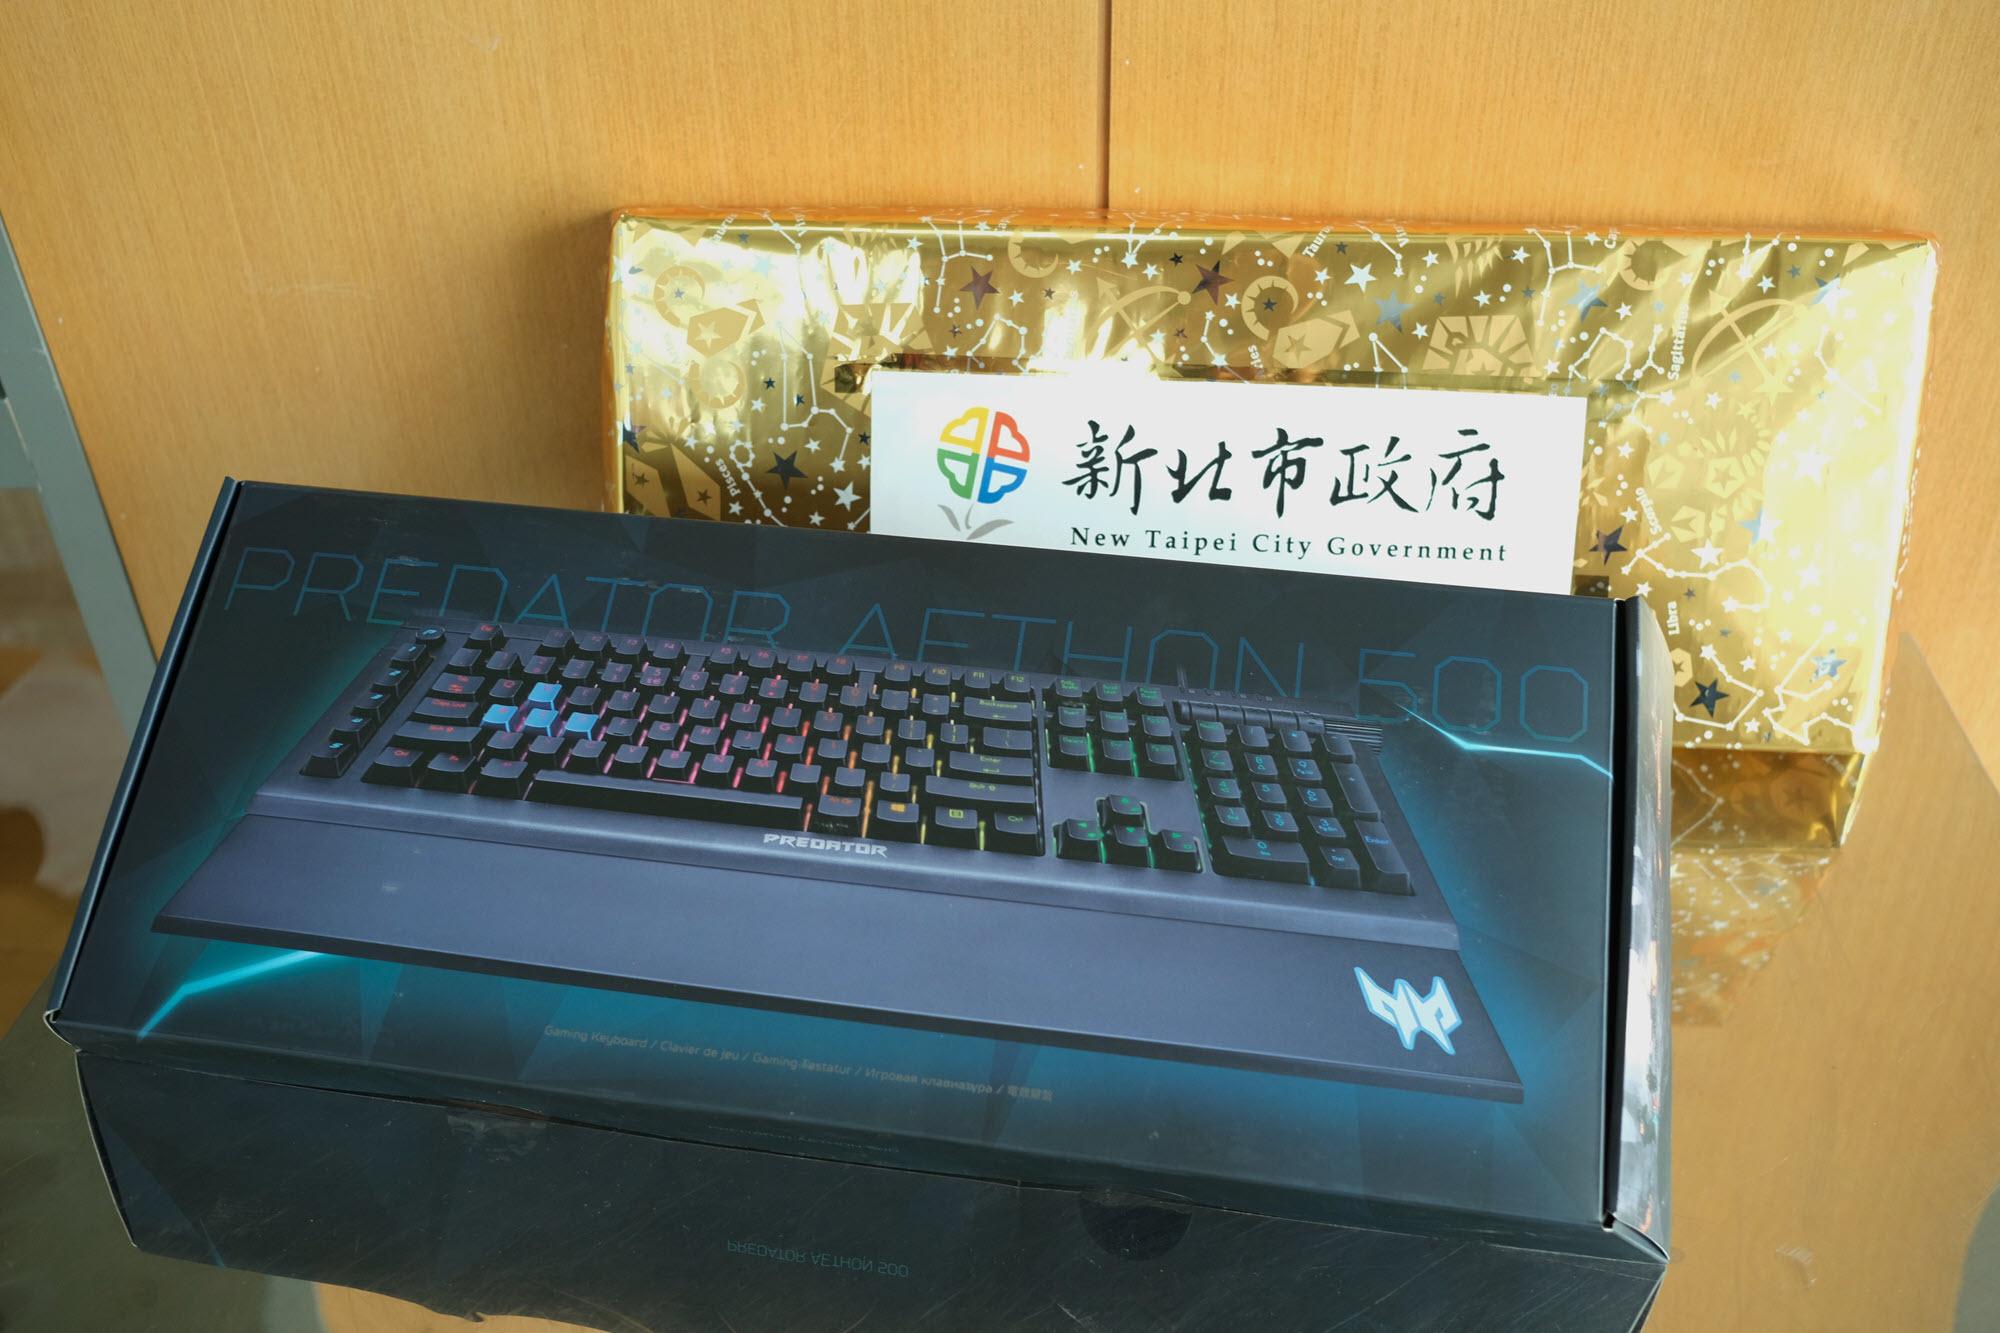 ▲由新北市政府所贊助的精美獎品「電競鍵盤」。(攝影:李昆翰)